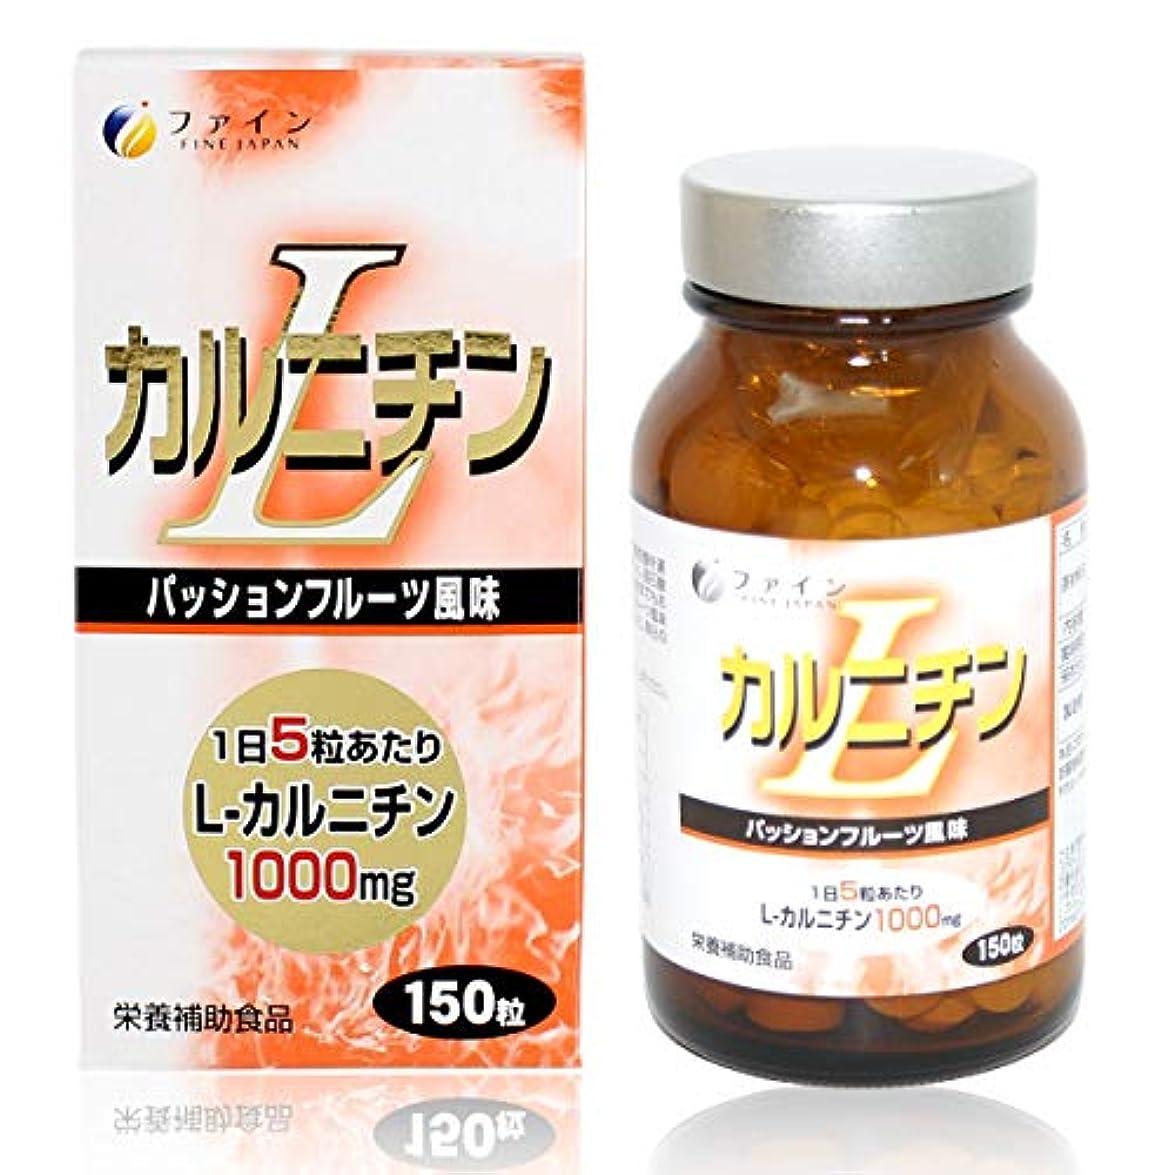 背骨甲虫元気ファイン L-カルニチン 150粒入 ビタミンB1 配合 パッションフルーツ風味